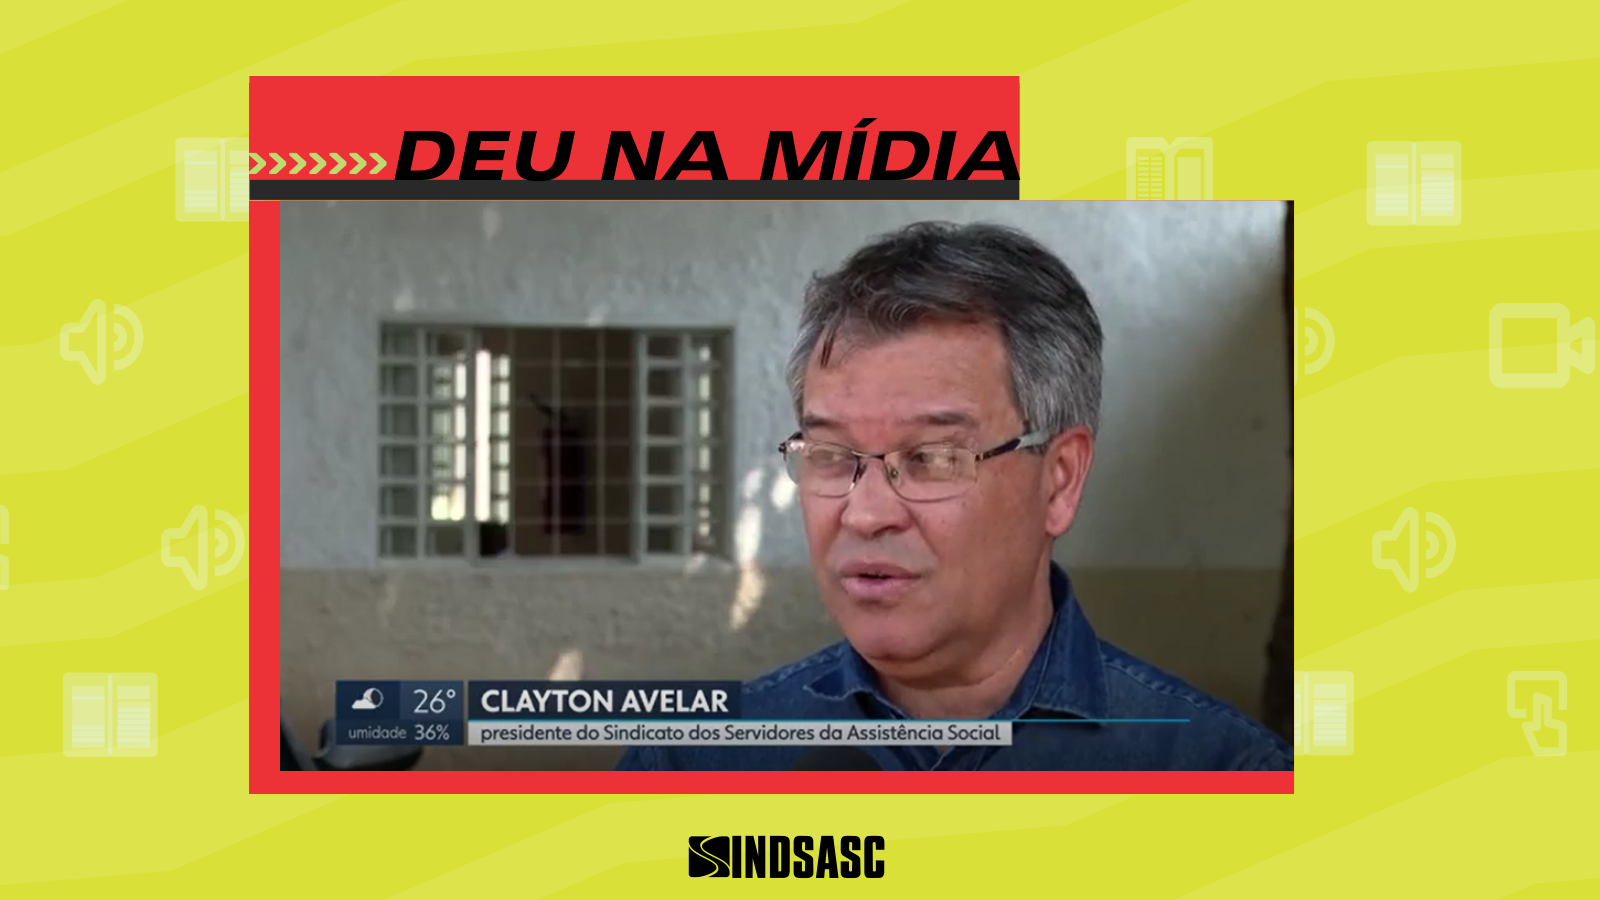 [DEU NA MÍDIA] Matéria da Globo expõe paralisação de 48 horas da assistência social